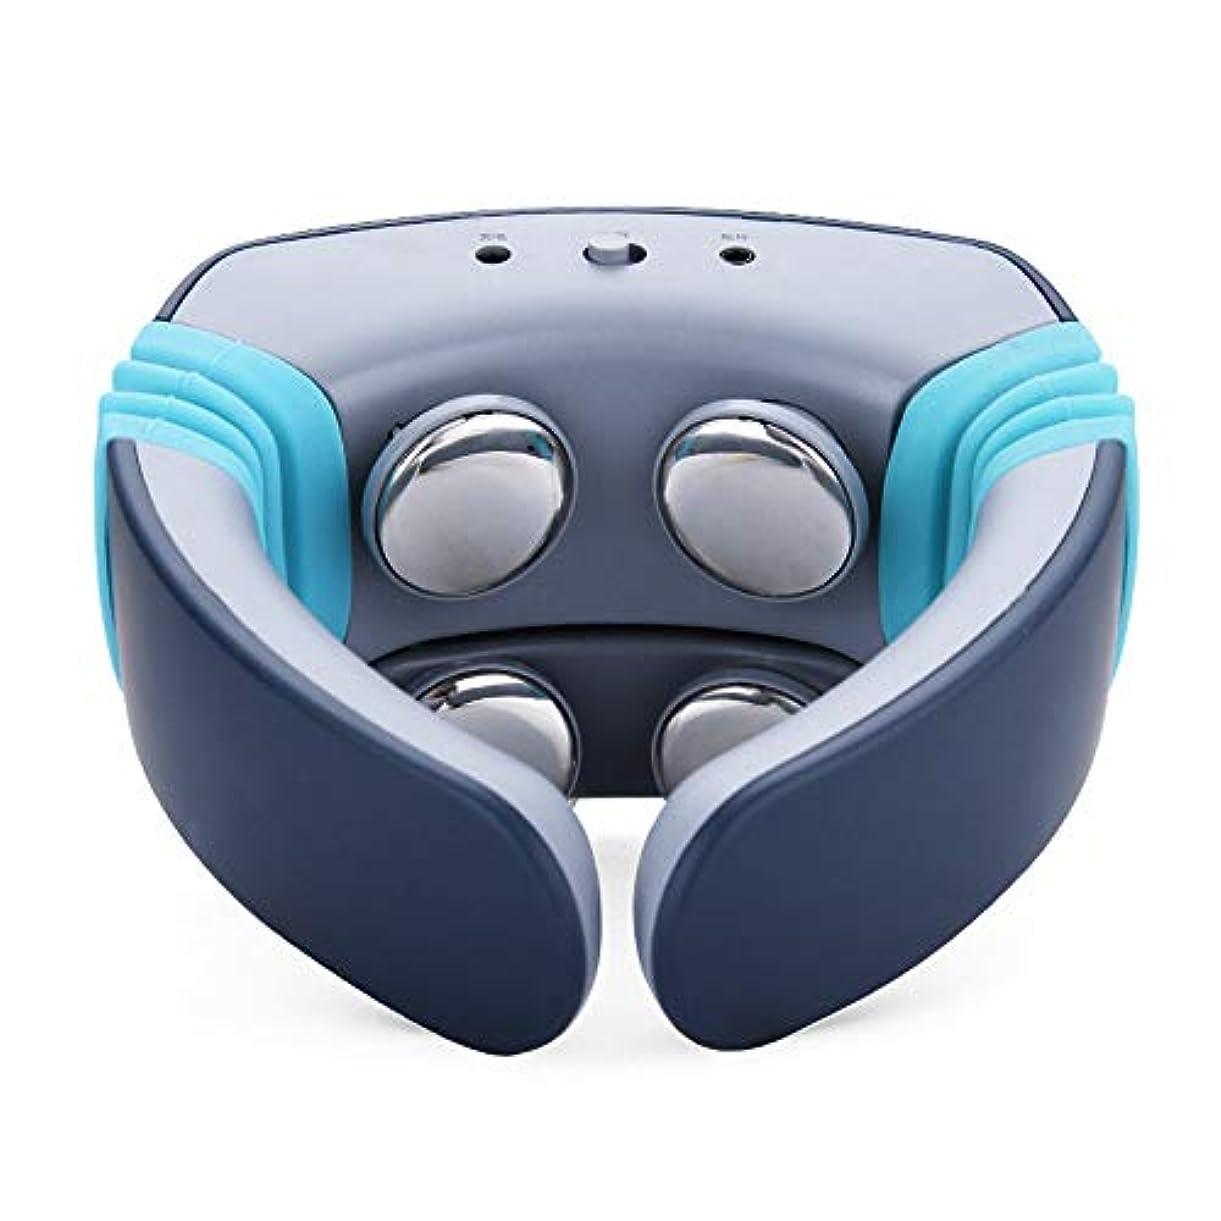 インテリジェント子宮頸マッサージャー-電気パルス子宮頸マッサージャー、4Dマグネットワイヤレスネックマッサージャー,ブルー